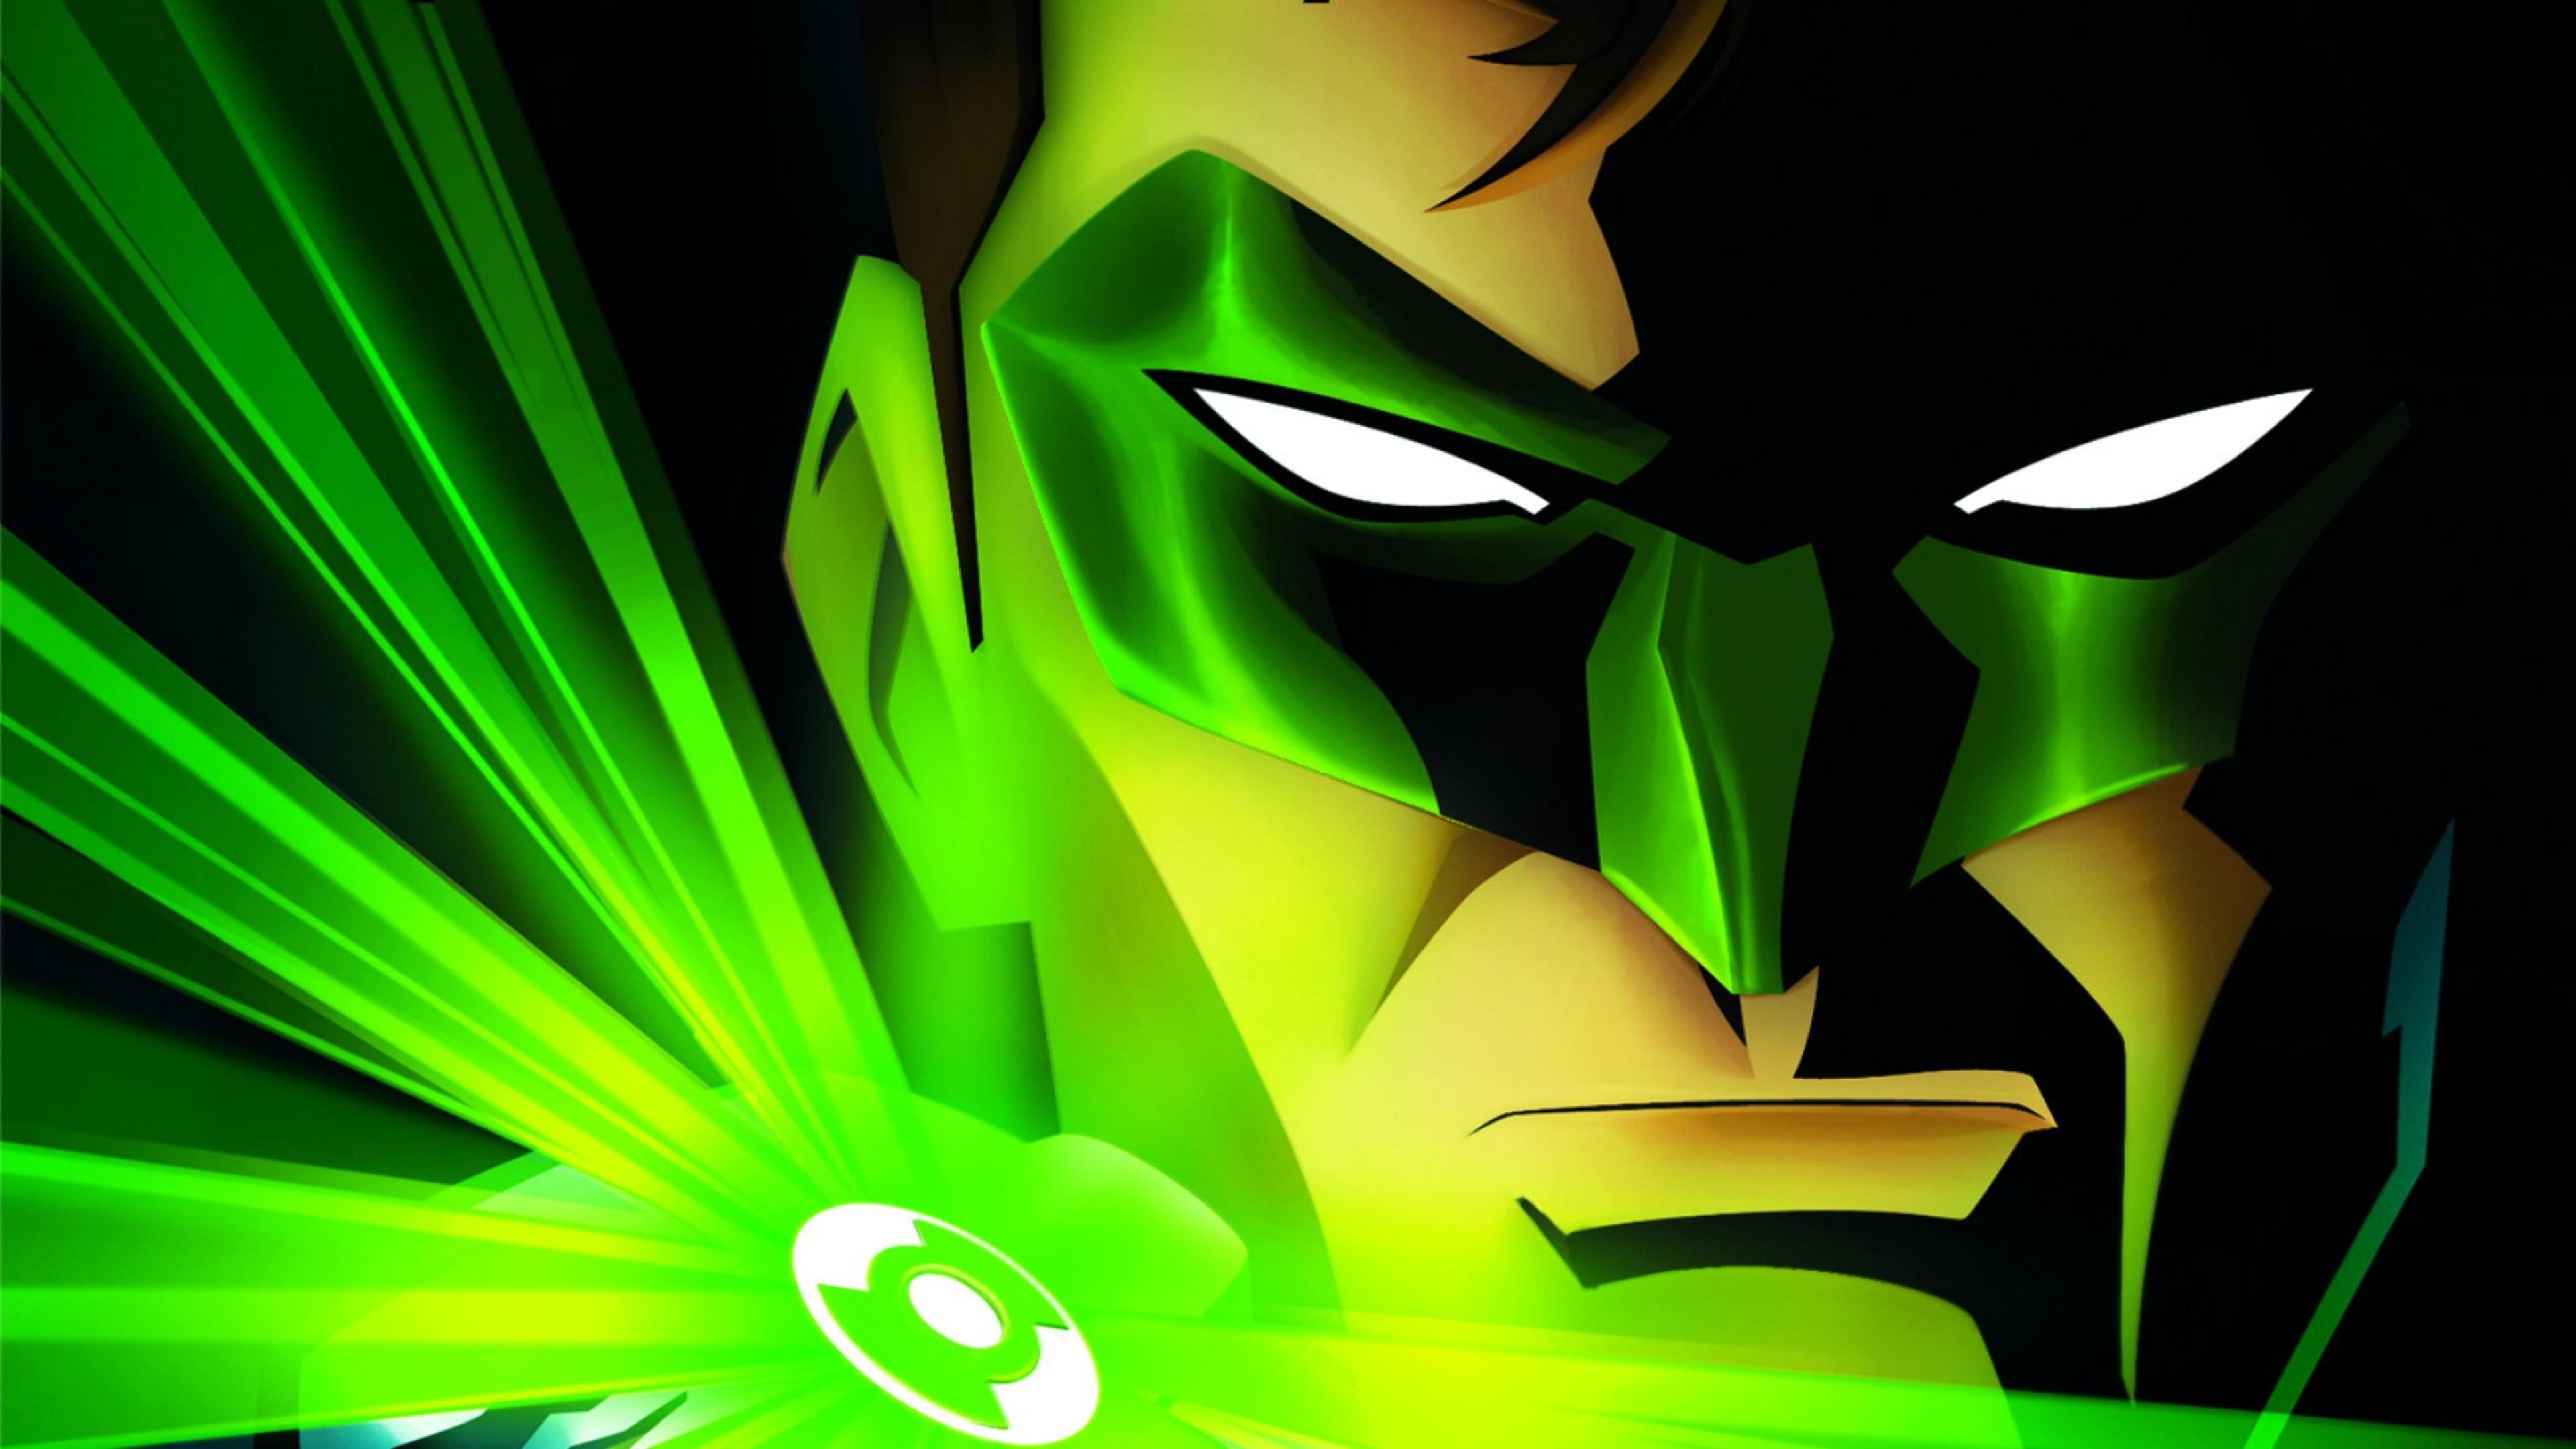 3840x2160 Green Lantern Dc Comics 4k HD 4k Wallpapers ...